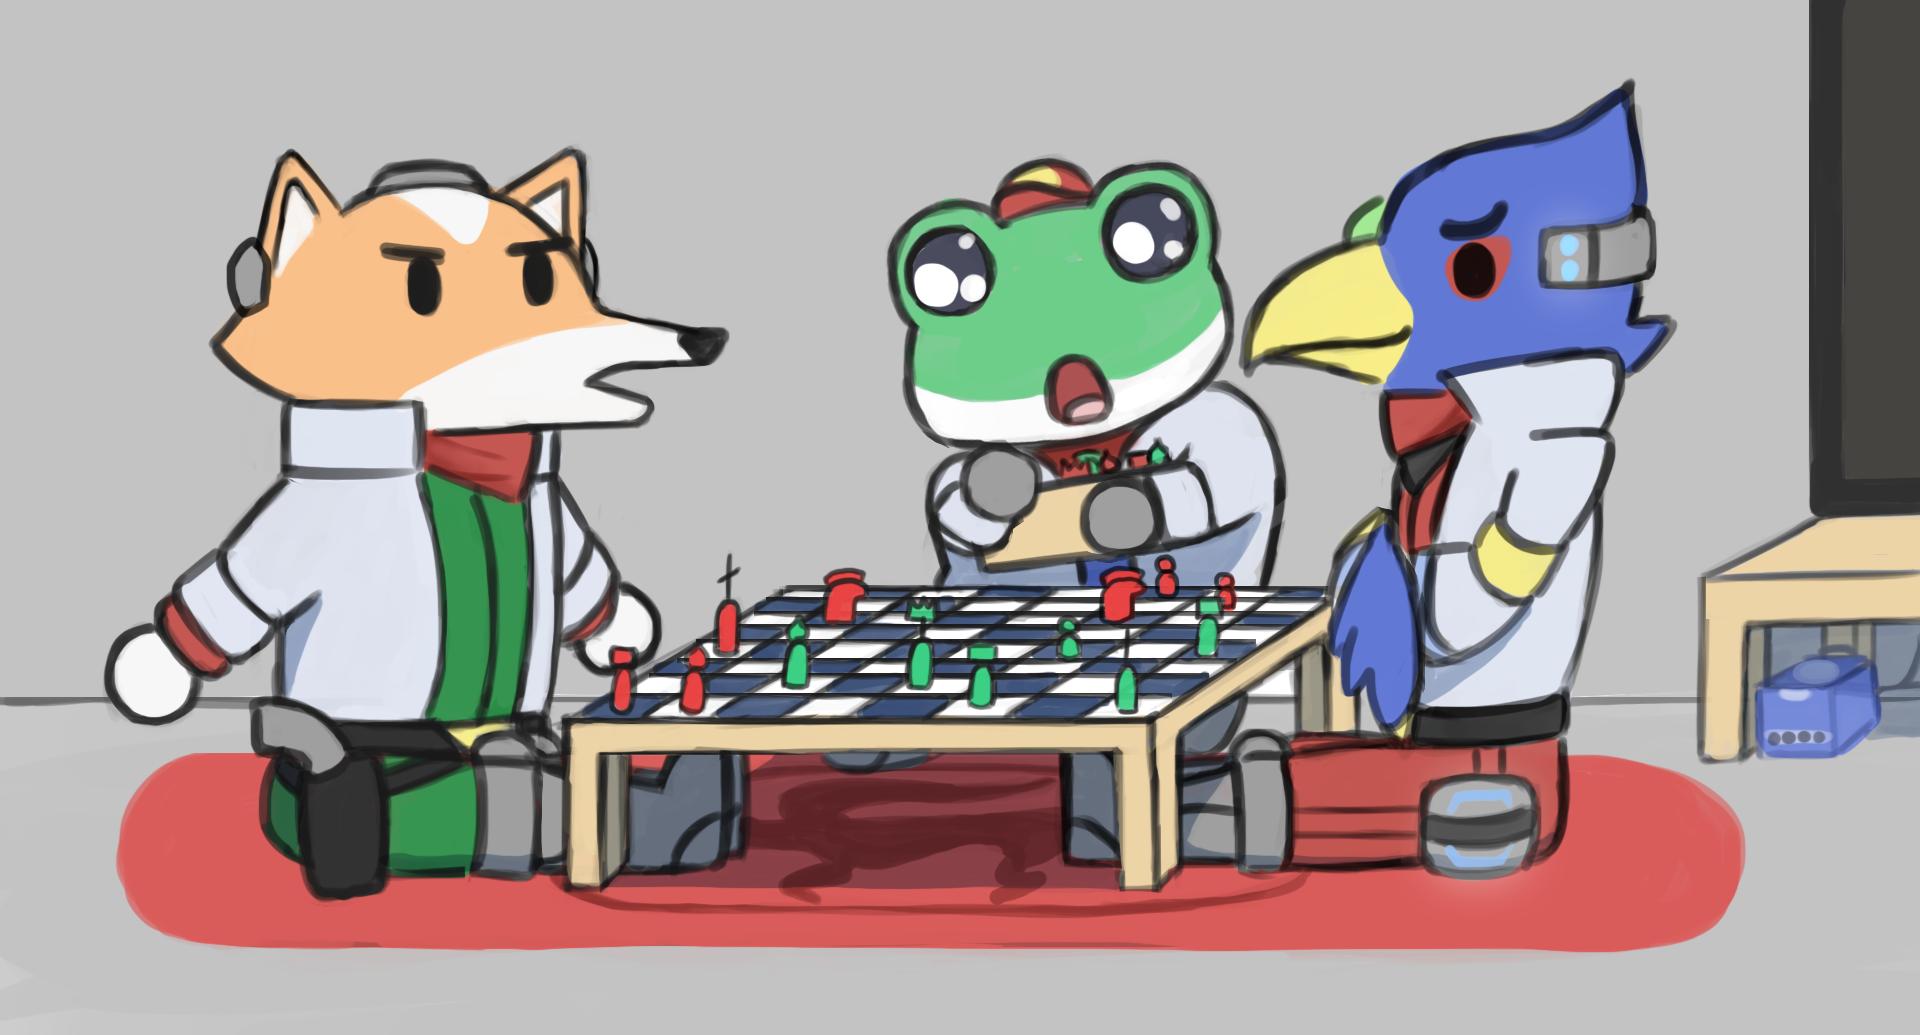 Starfox Chess game